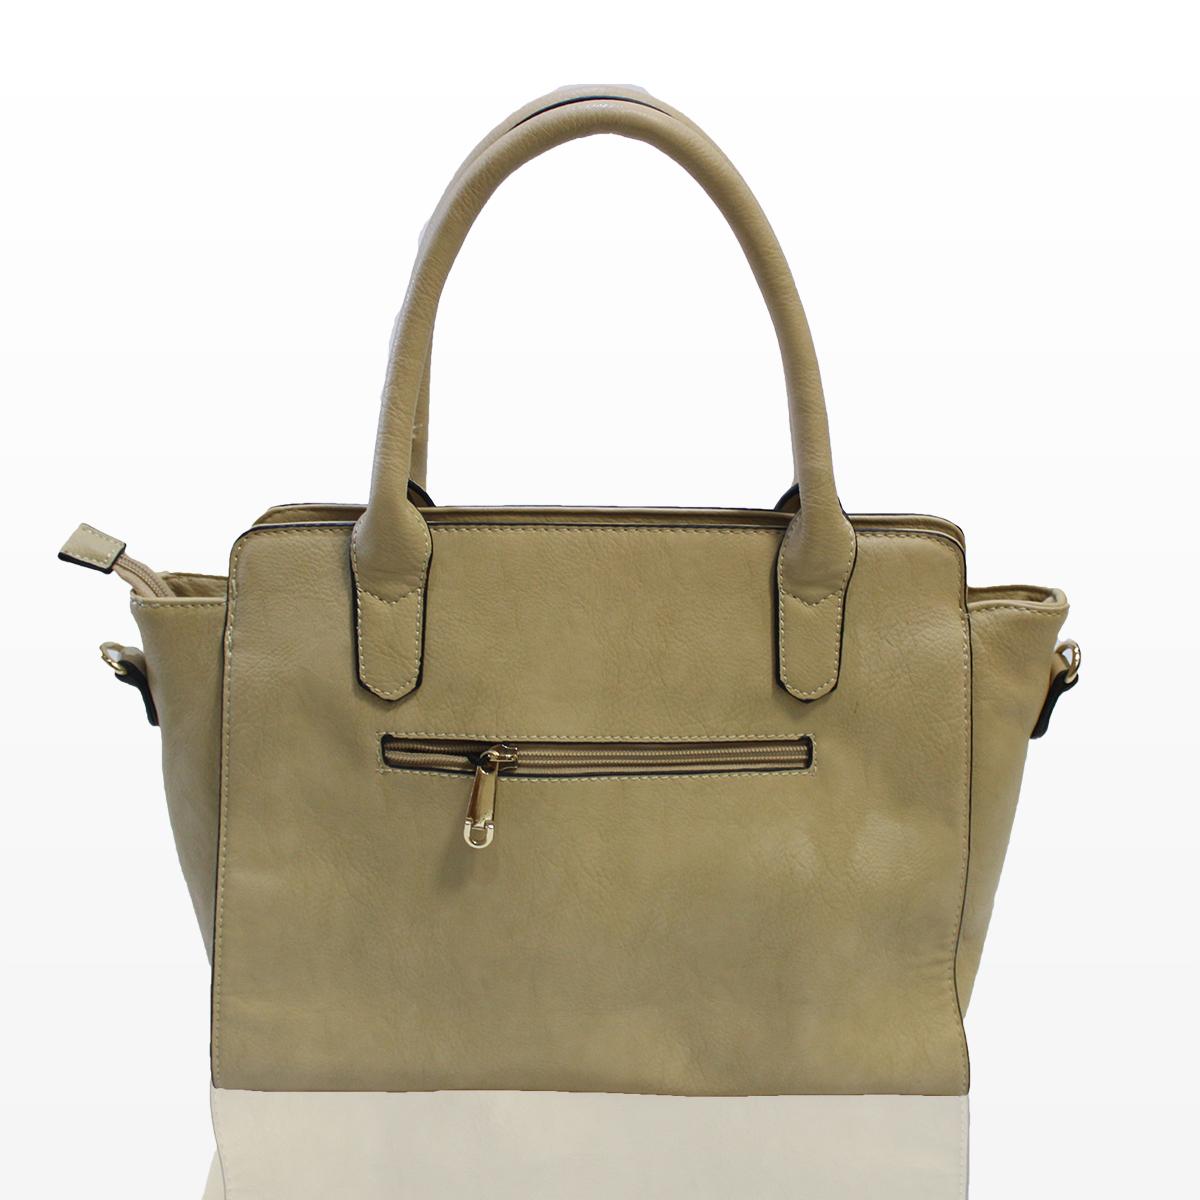 Дамска чанта - кремава Снимка 2 от 2